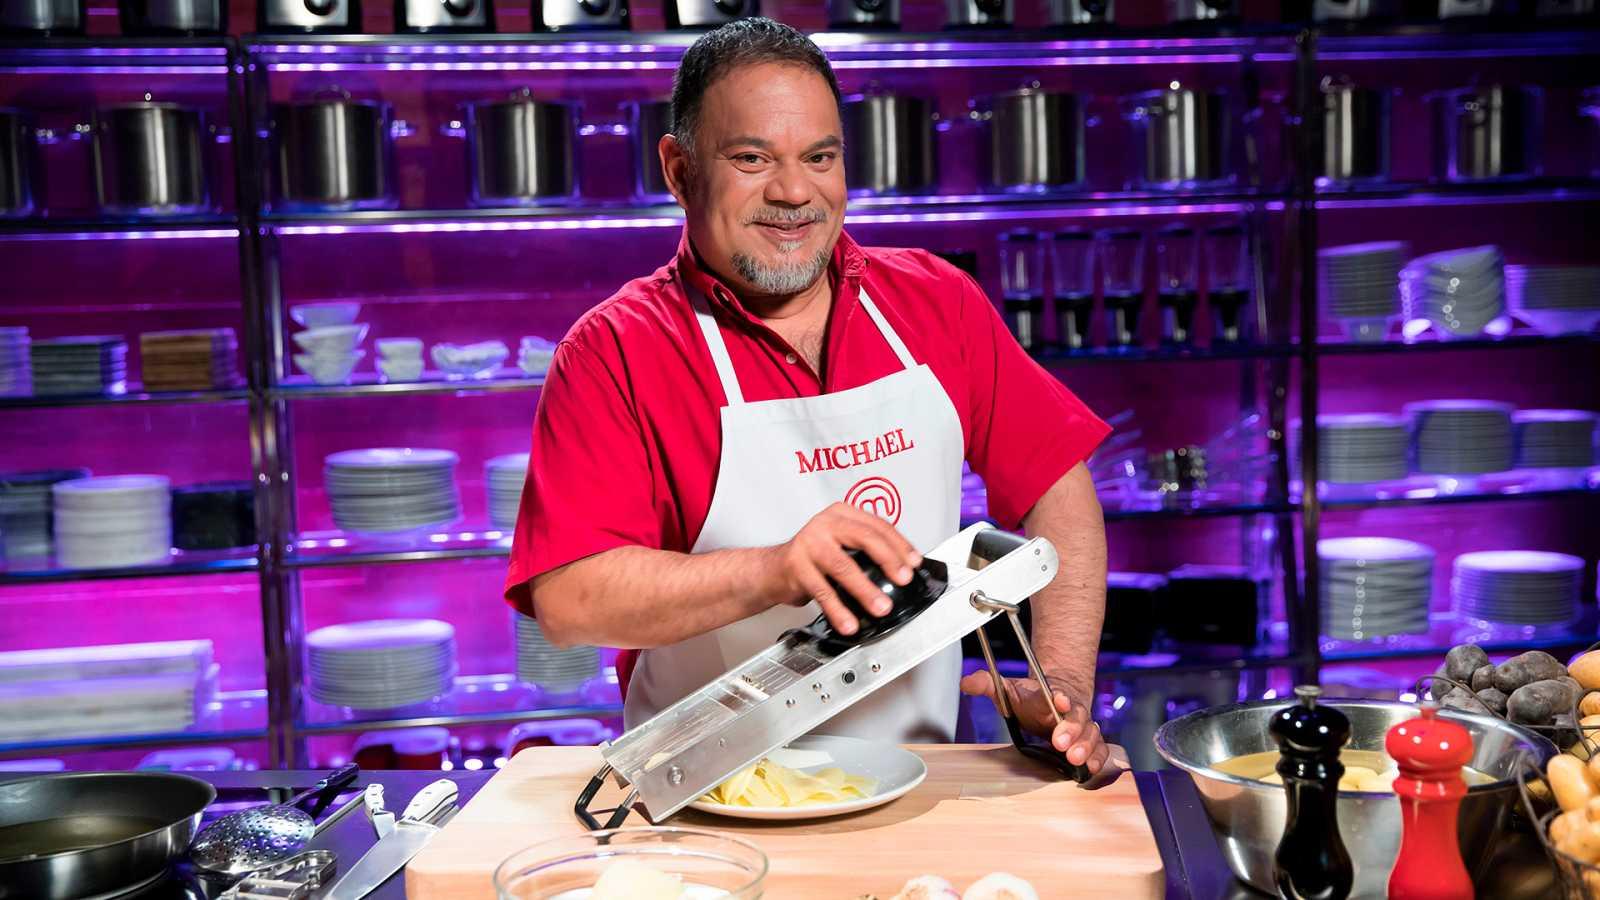 MasterChef 8 - Conoce a Michael, concursante de MasterChef 8